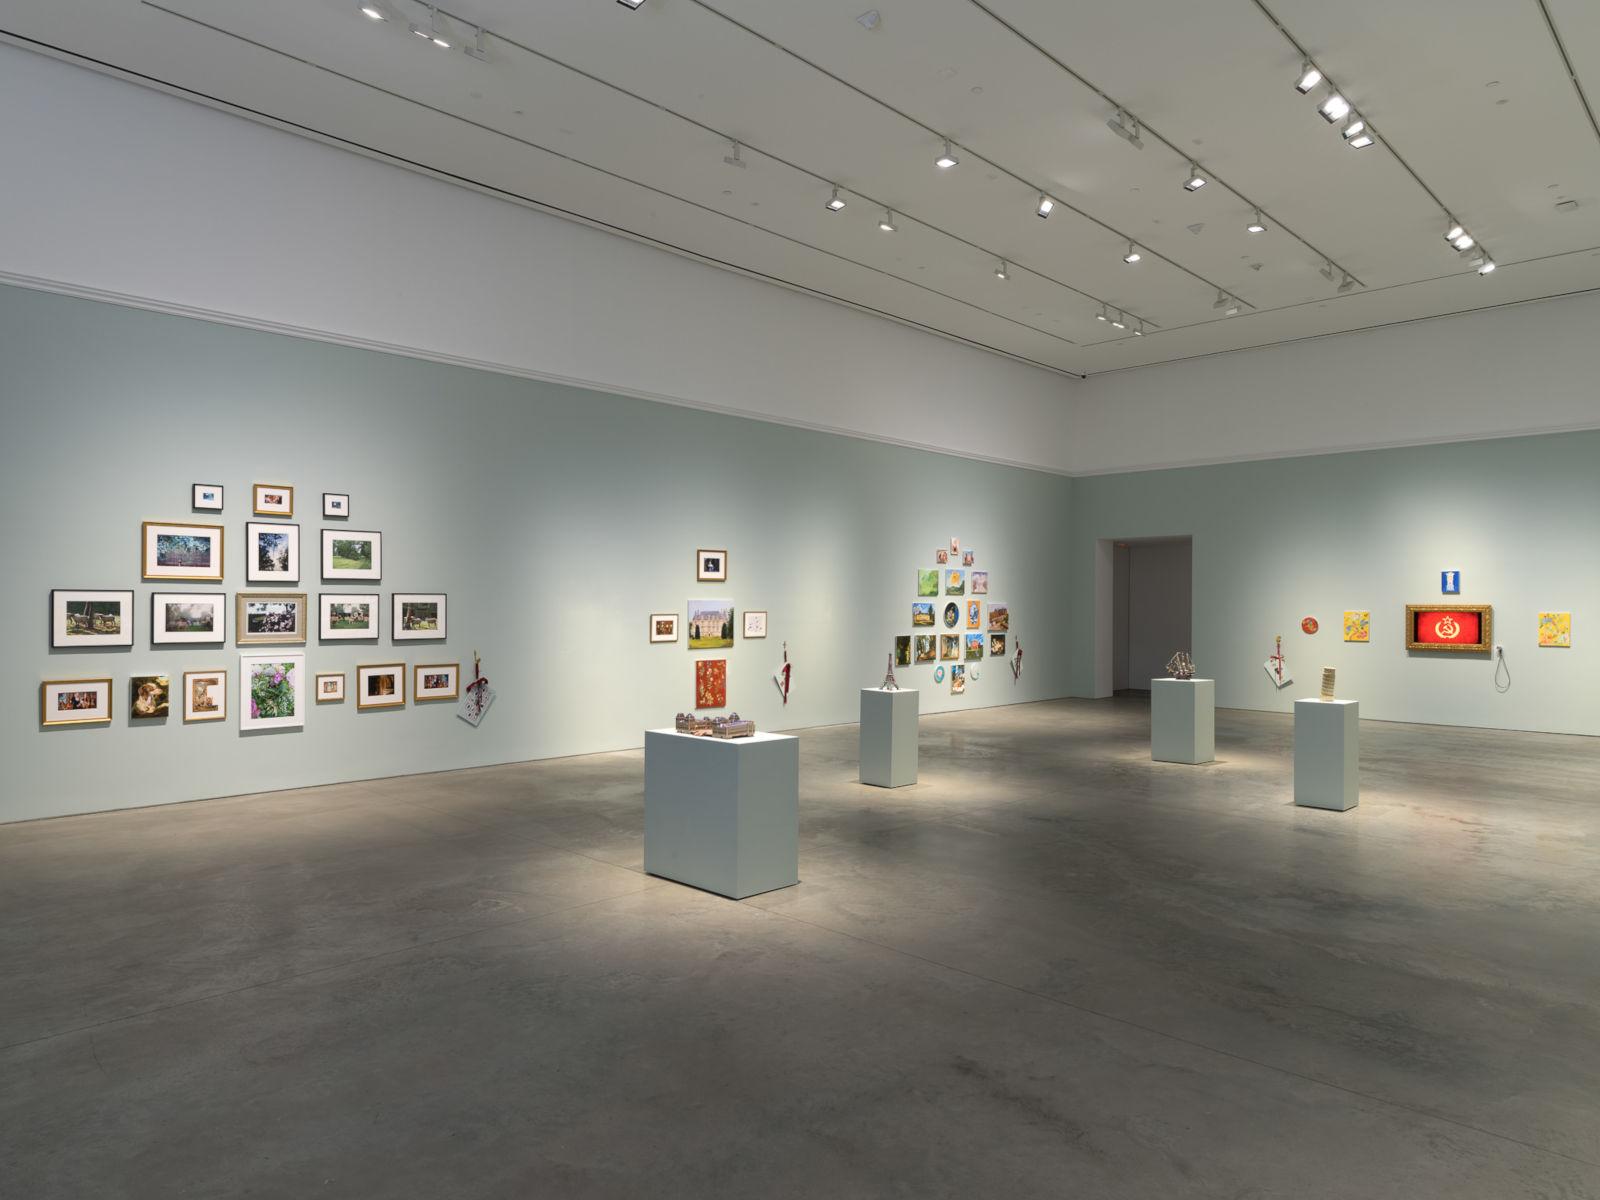 303-Gallery-Karen-Kilimnik-1